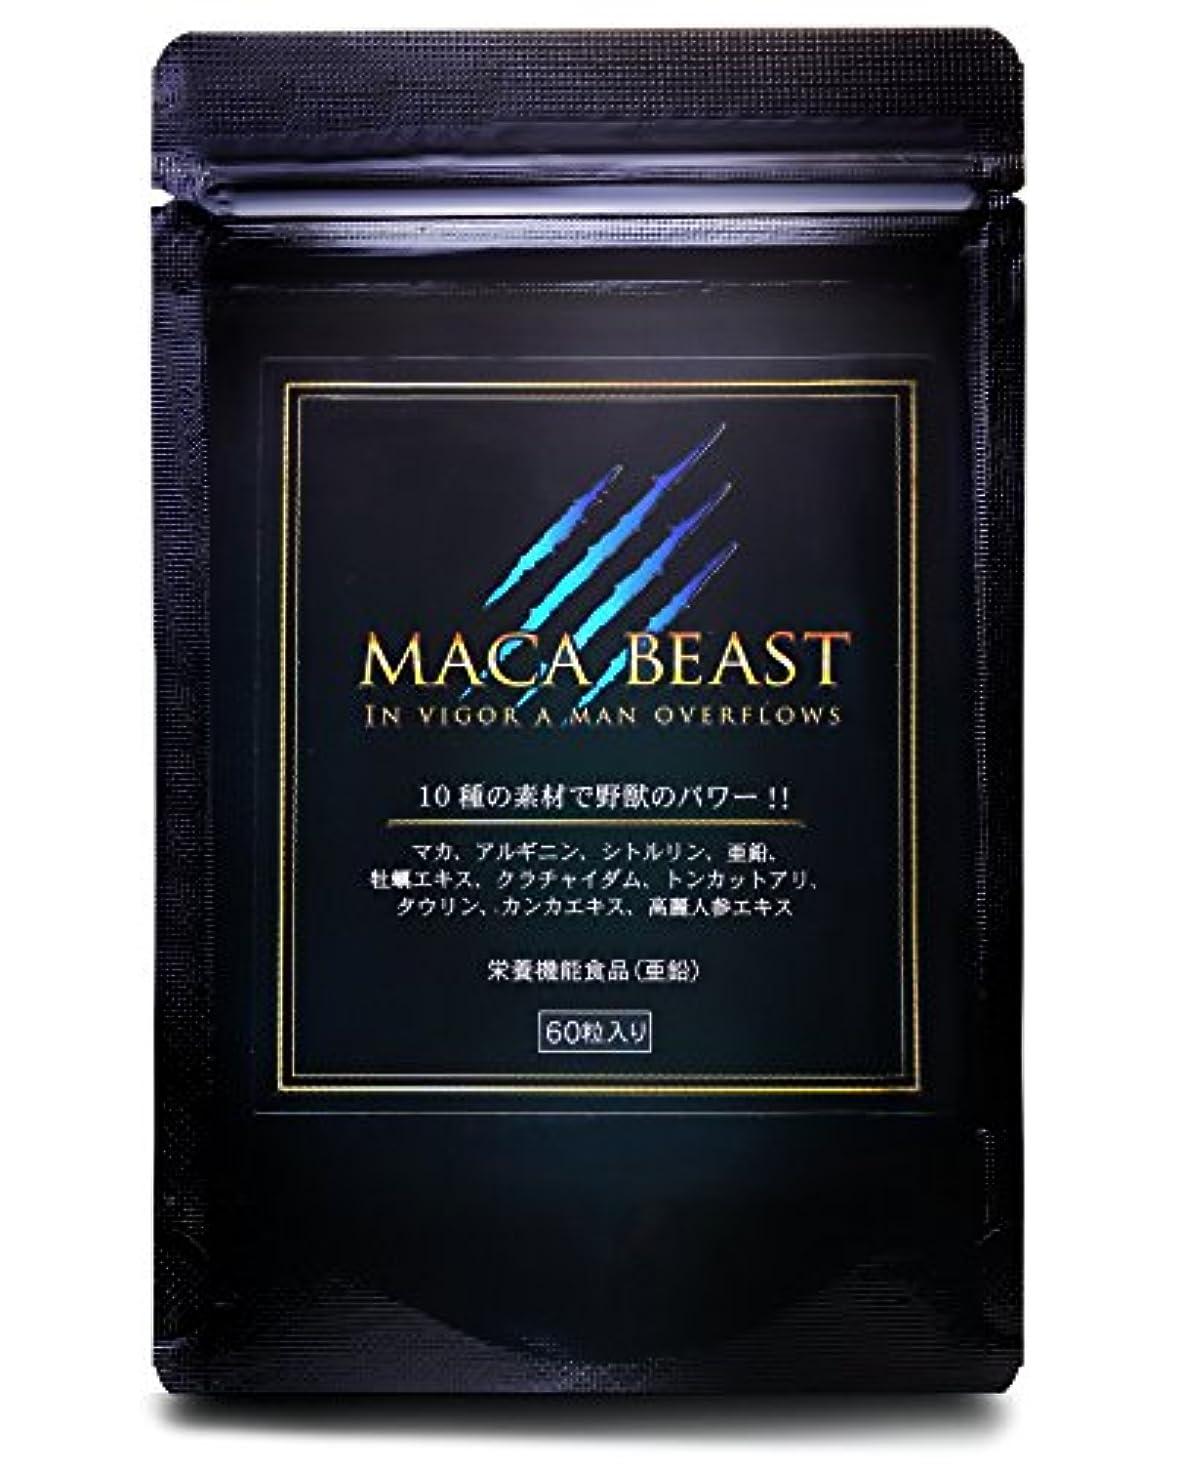 プレート真似る狭いMACA BEAST マカビースト マカ サプリメント シトルリン 高麗人参 10種配合 30日分